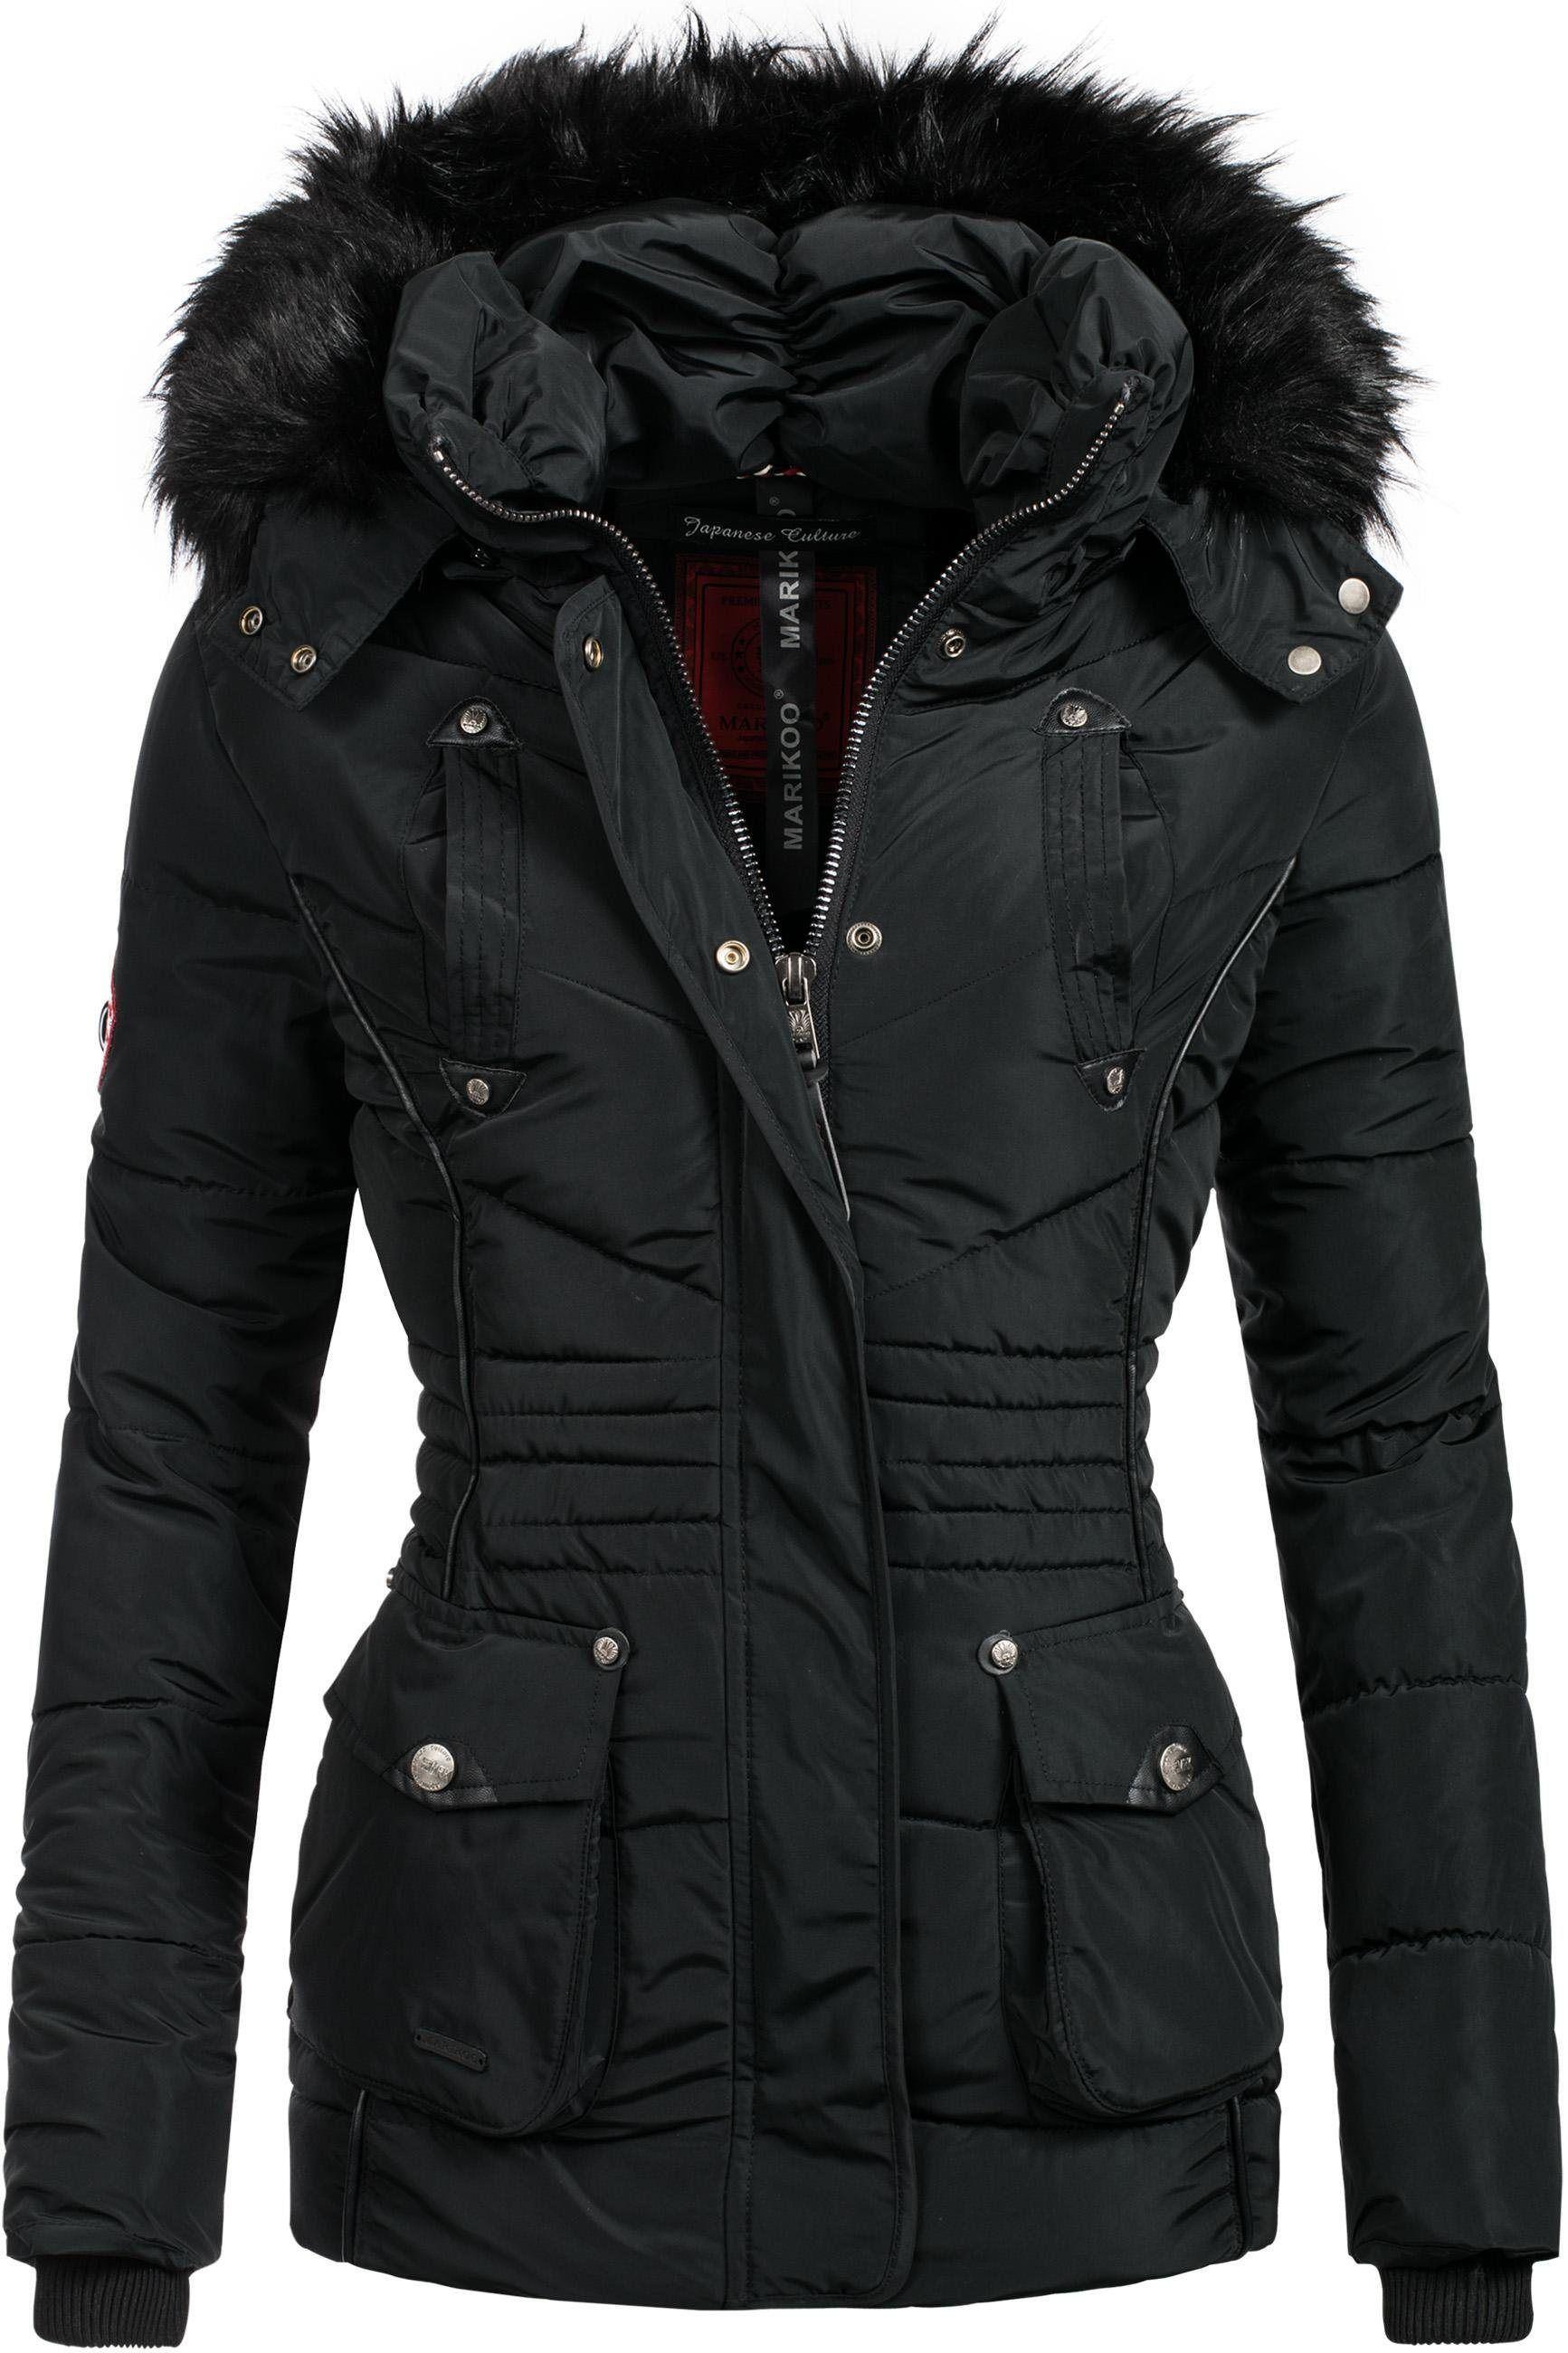 5c82945980b5  OTTO  Marikoo  Bekleidung  Blazer  Jacken  Steppjacken  Winterjacken  Damen